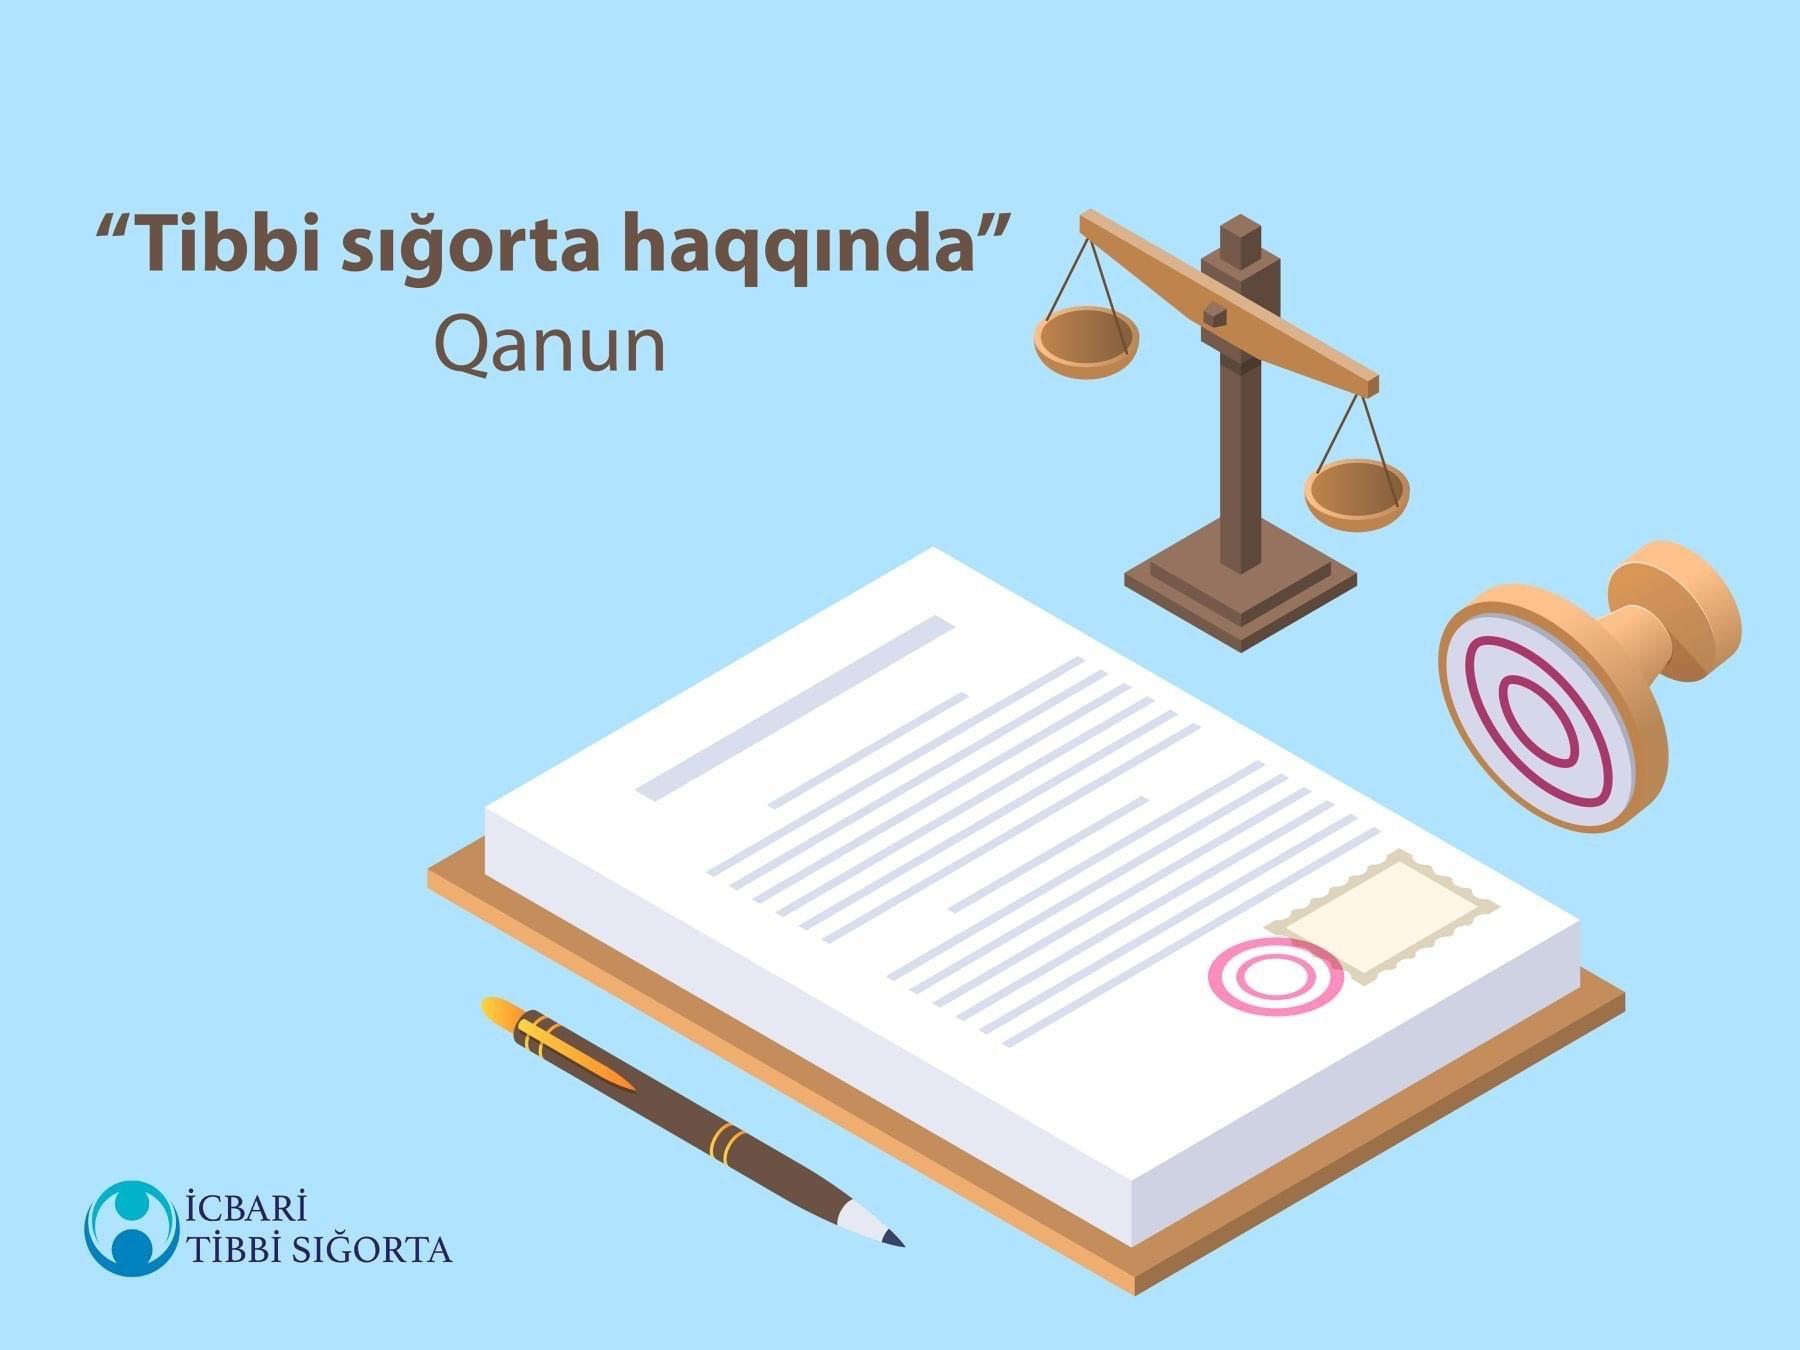 Gələn ildən icbari tibbi sığorta haqqının yığılmasına başlanılacaq